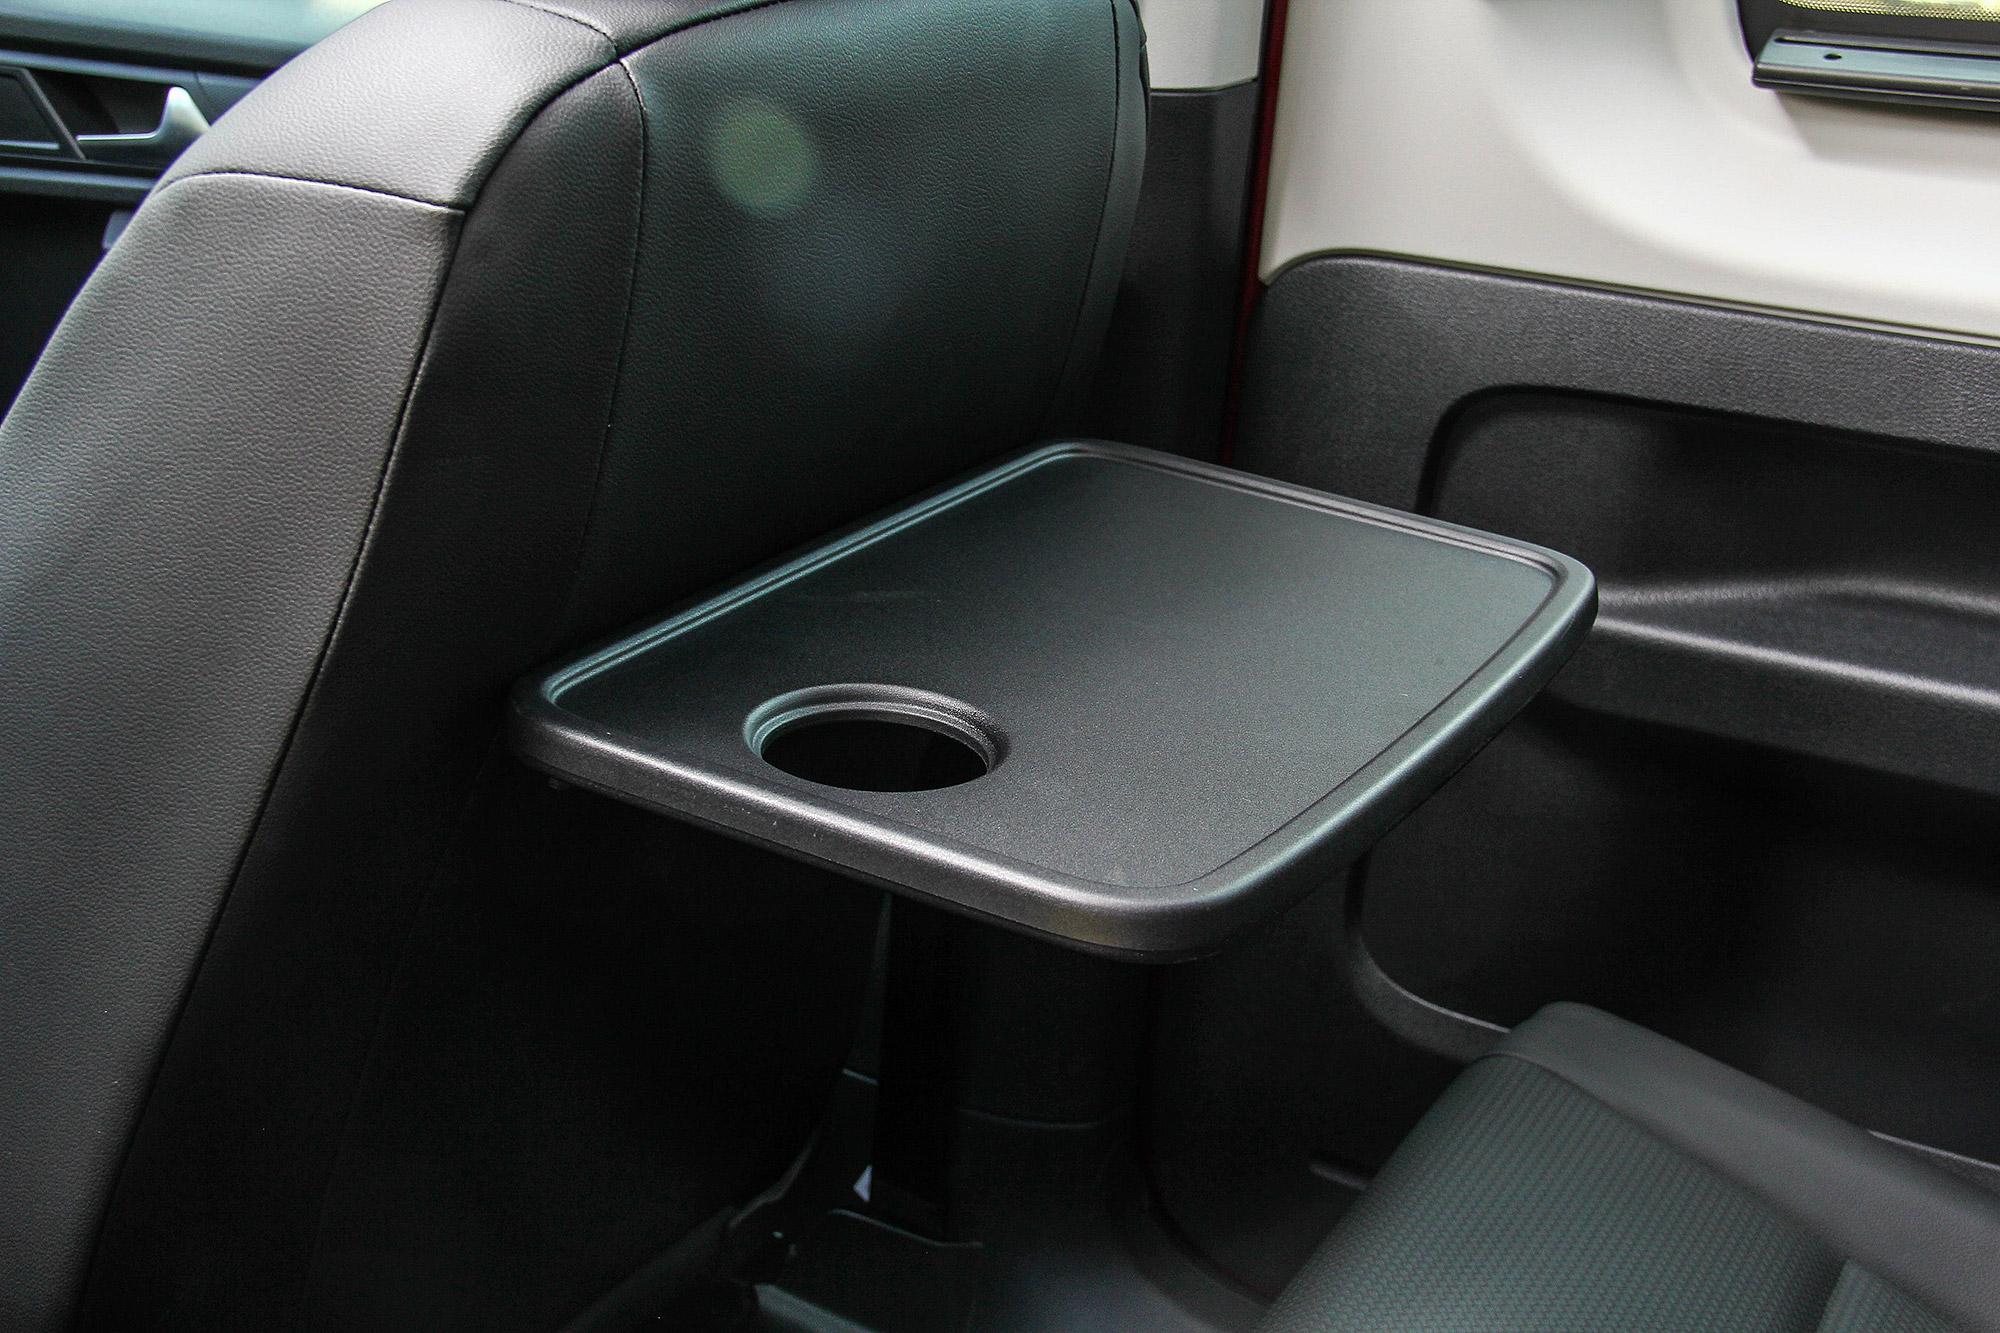 前座椅背小桌板設計有杯架功能。